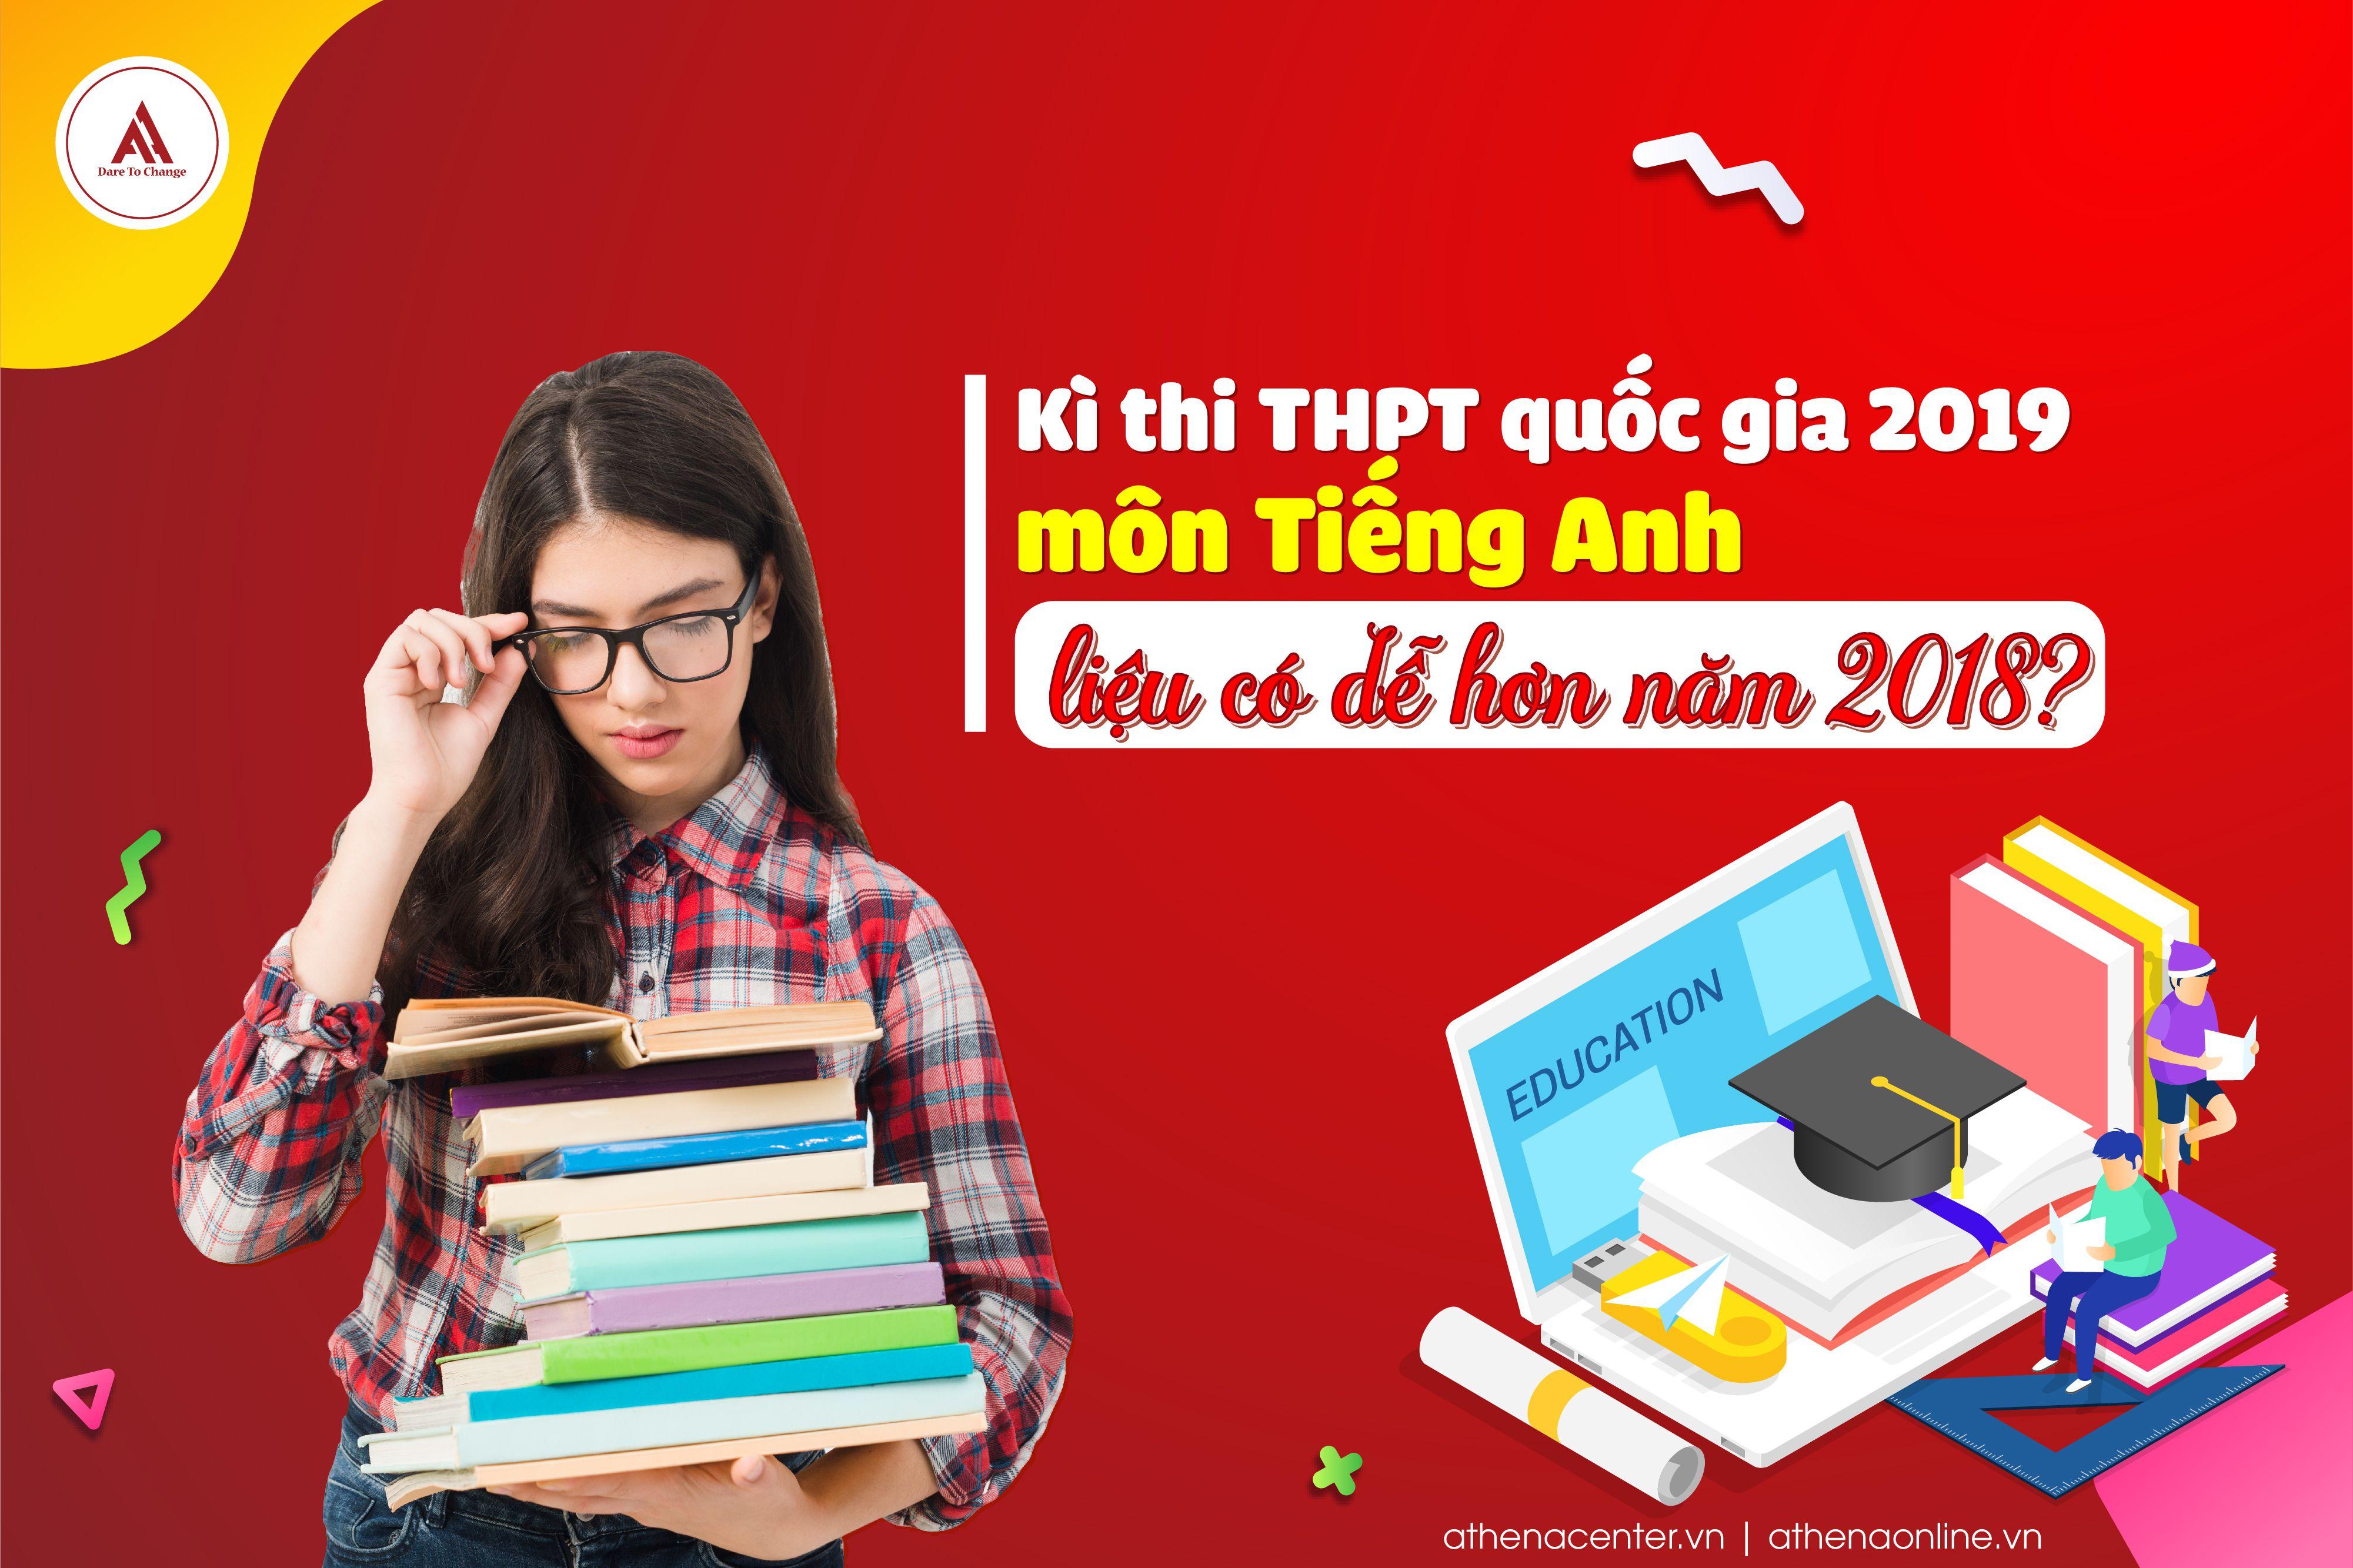 Kì thi THPT quốc gia 2019 môn Tiếng Anh liệu có dễ hơn năm 2018?